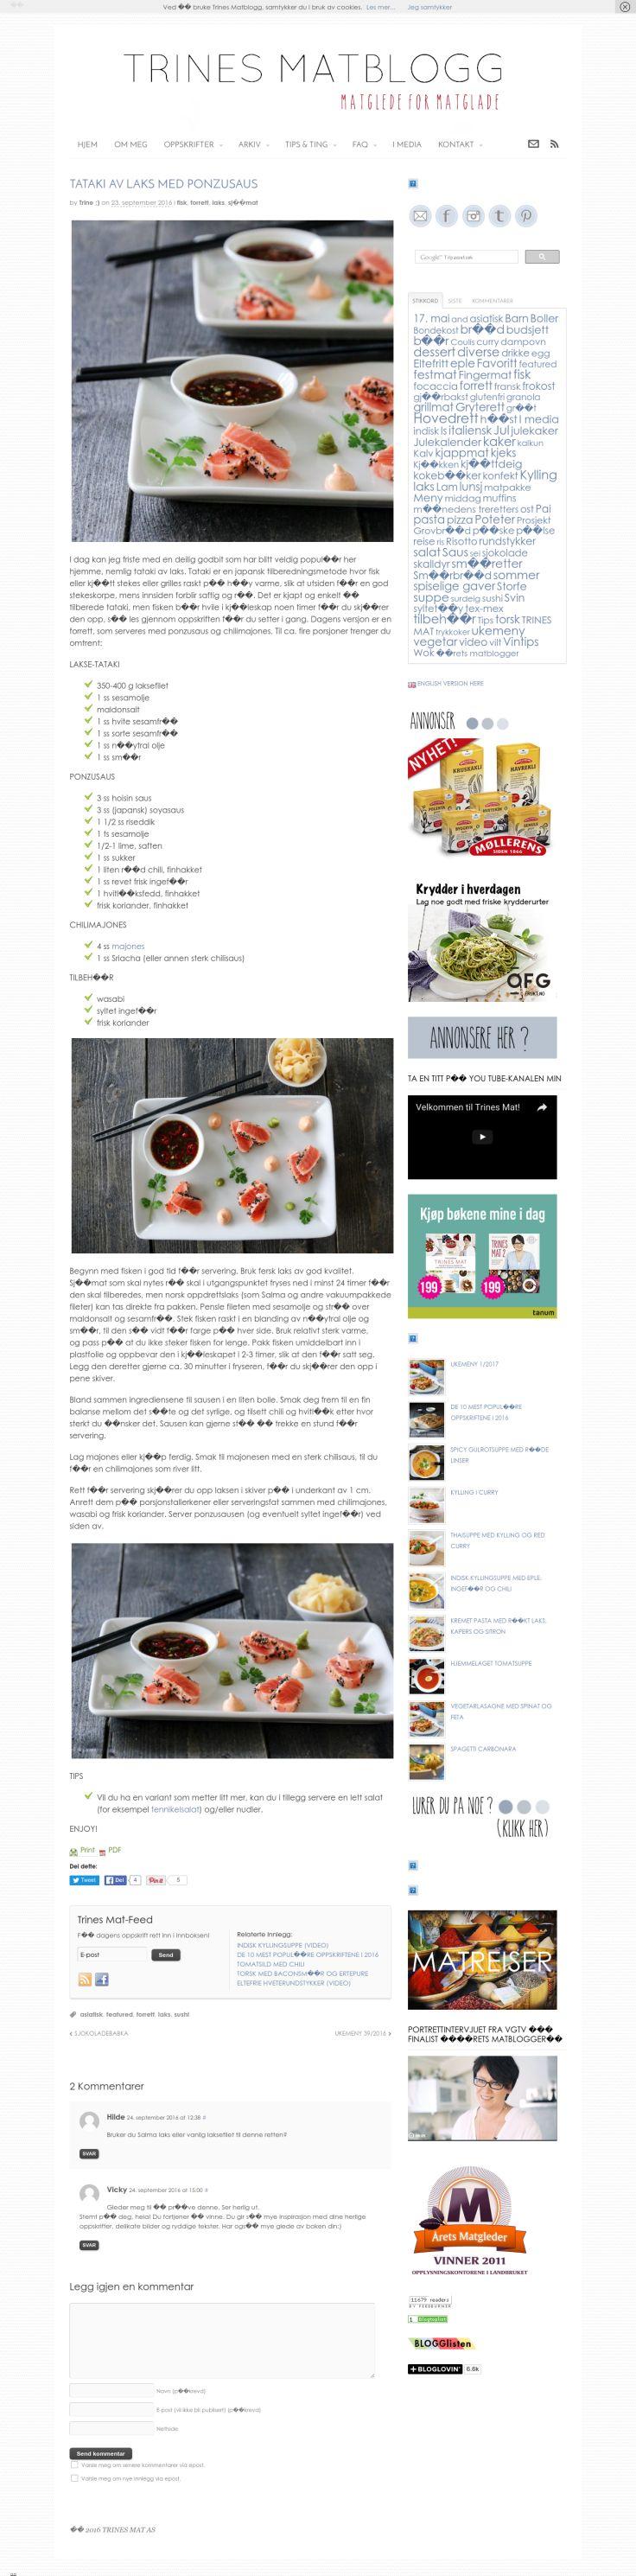 Website'http%3A%2F%2Ftrinesmatblogg.no%2F2016%2F09%2F23%2Ftataki-av-laks-med-ponzusaus%2F' snapped on Page2images!